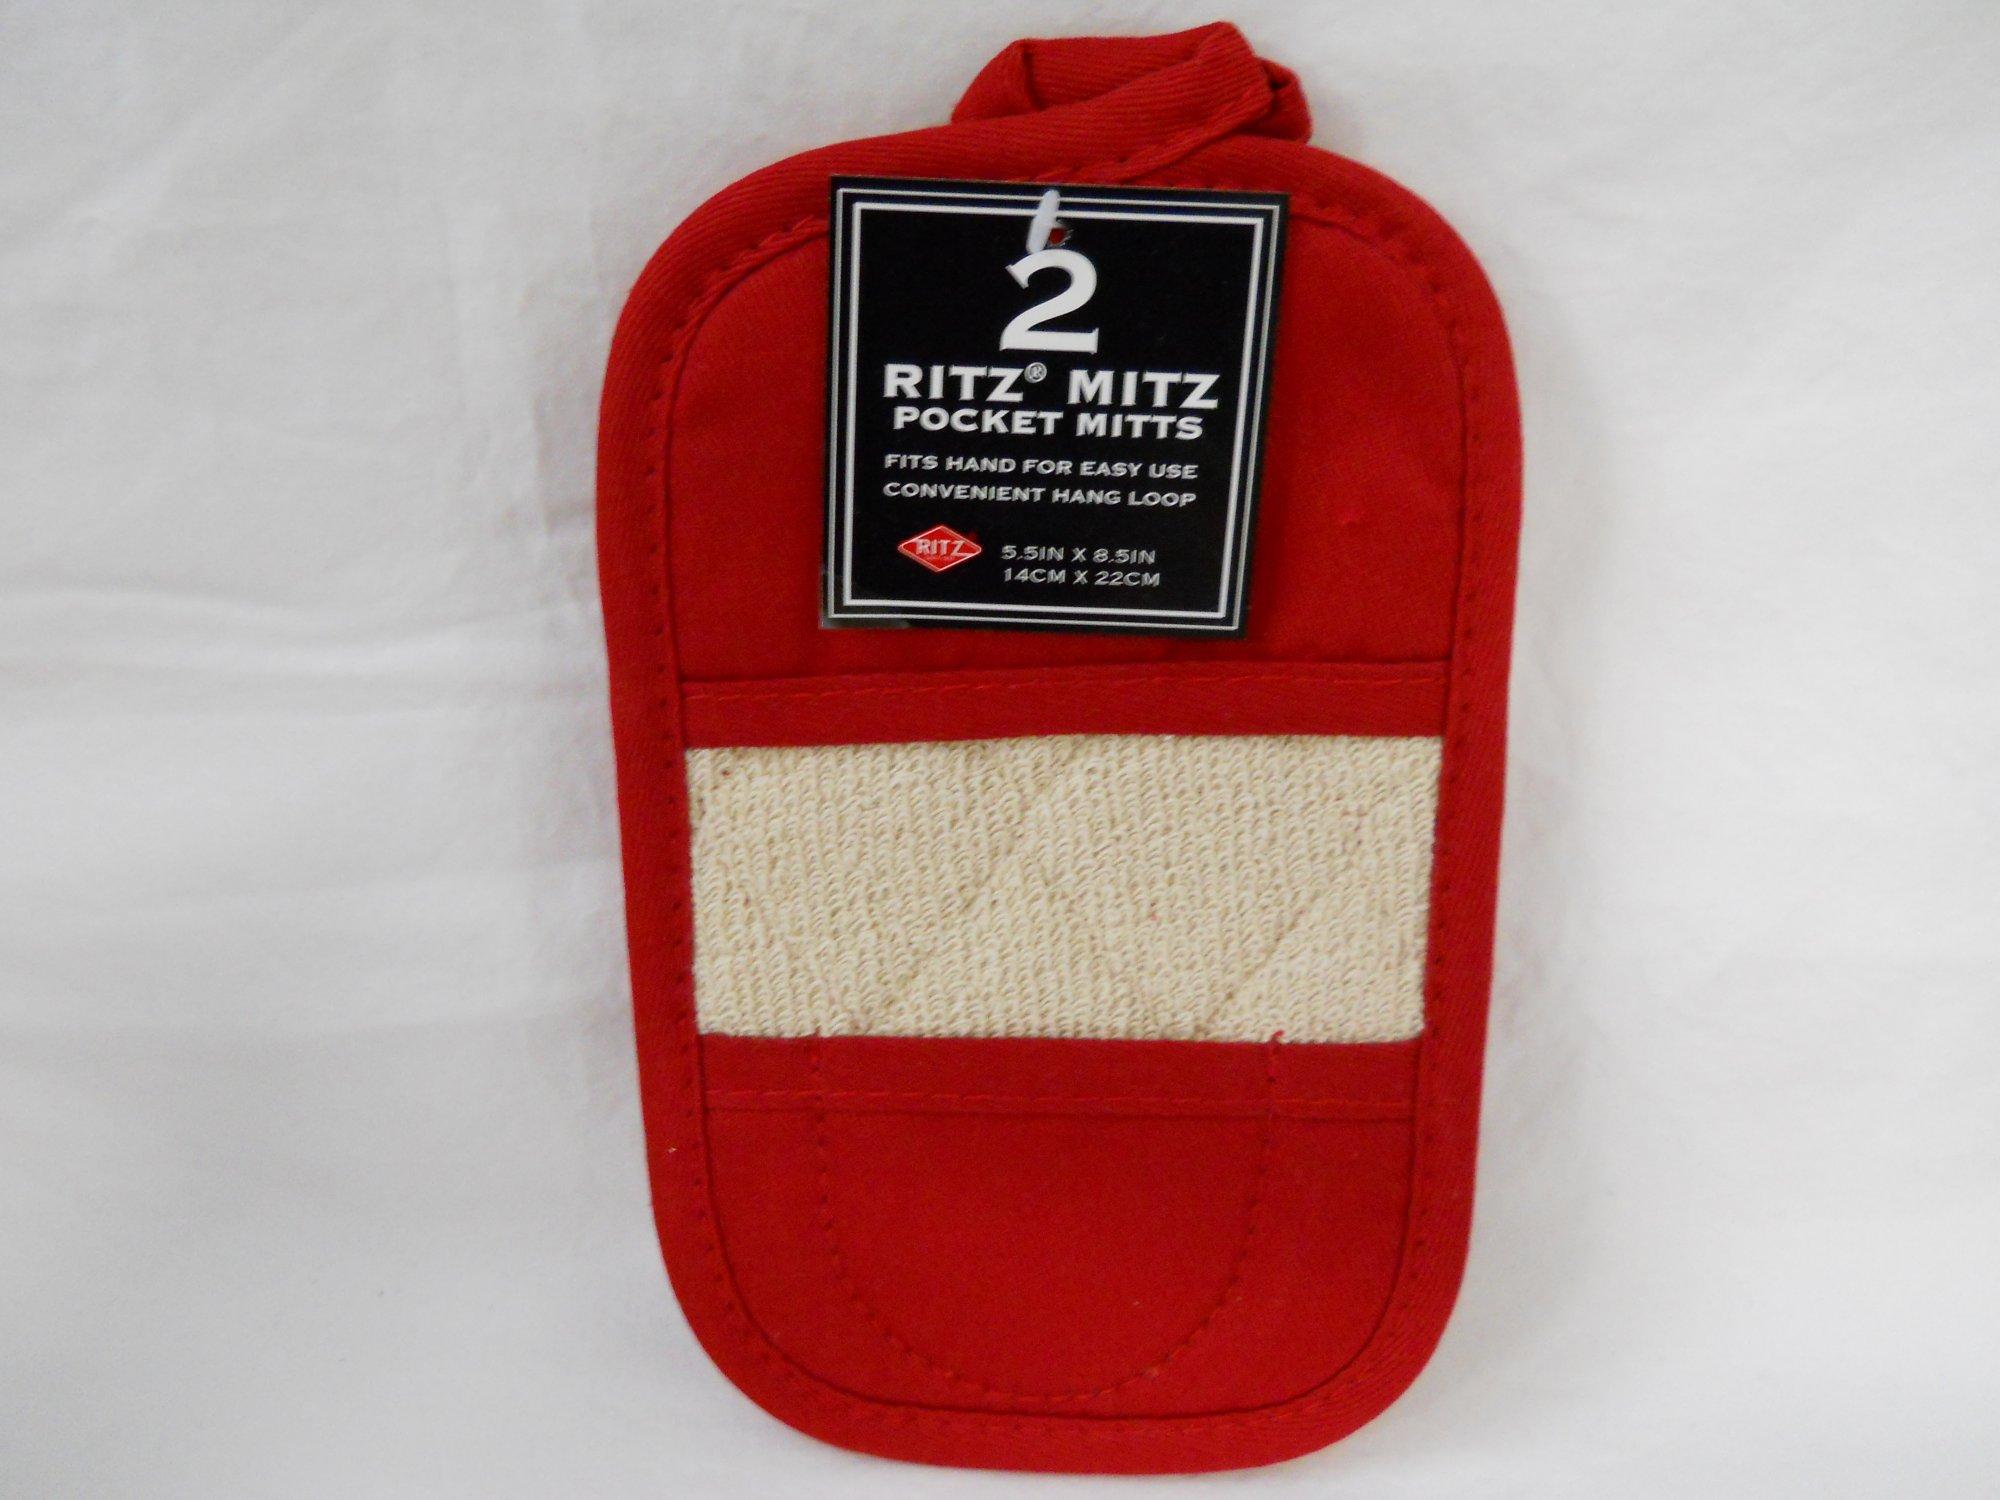 Ritz Mitz pocket mitts paprika